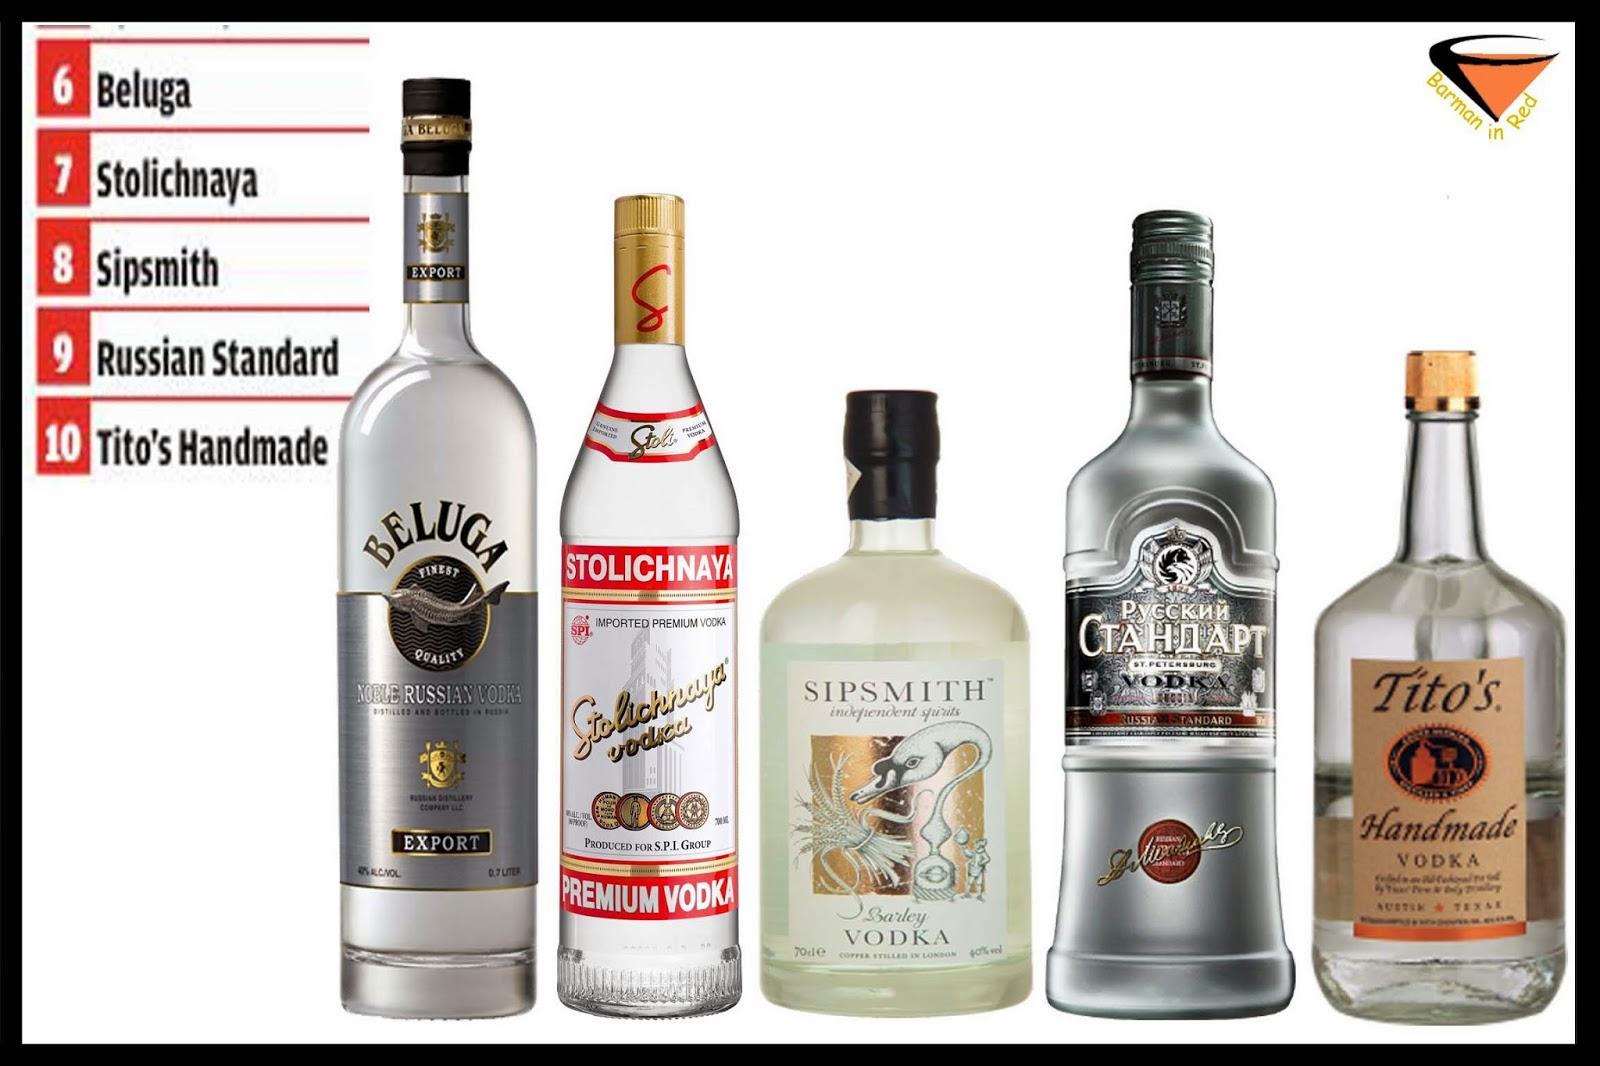 10 vodkas tendencia